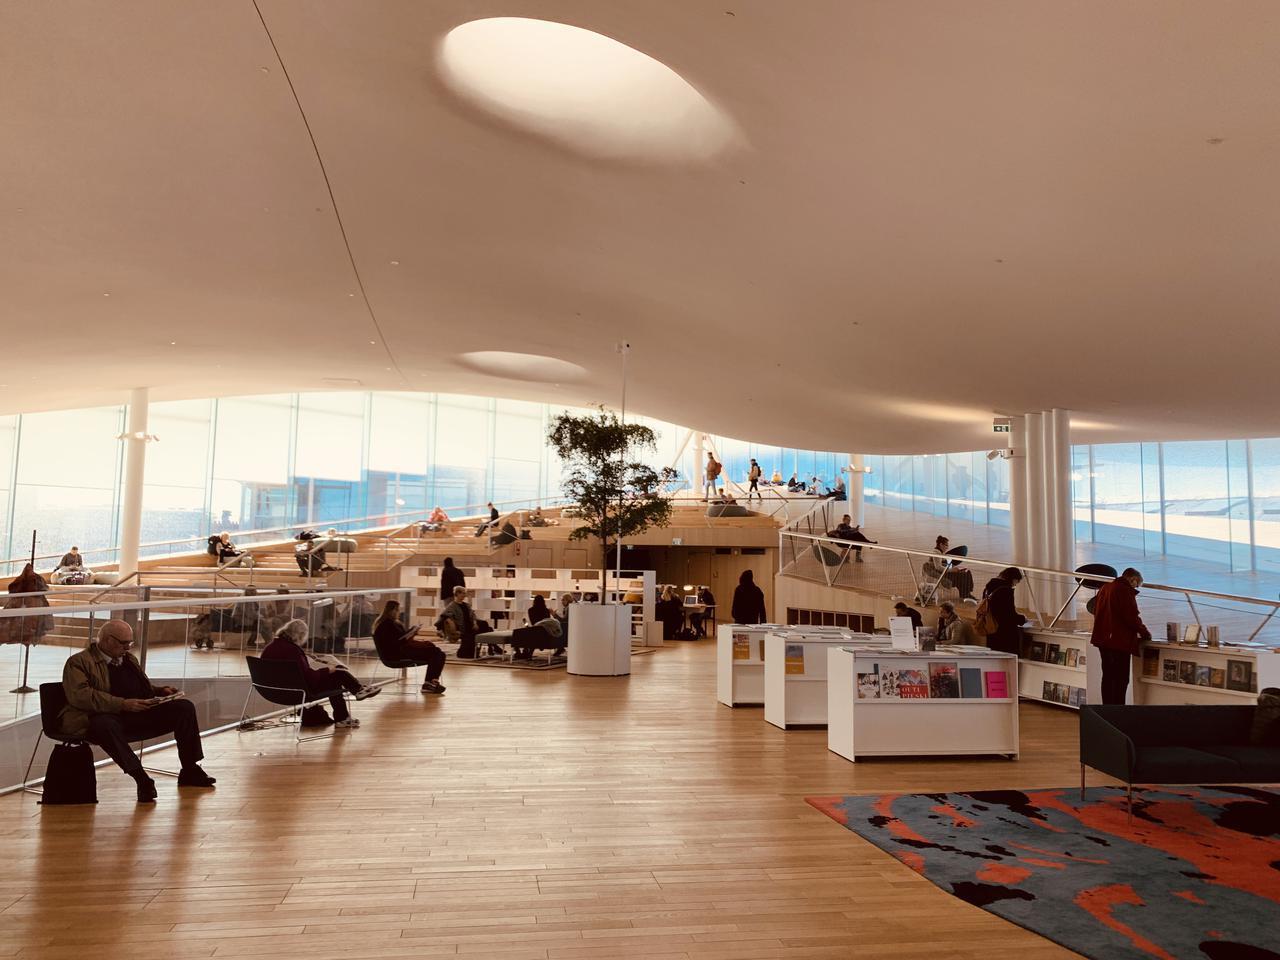 画像: 世界最高の図書館に選ばれた観光スポット ヘルシンキ中央図書館 Oodi